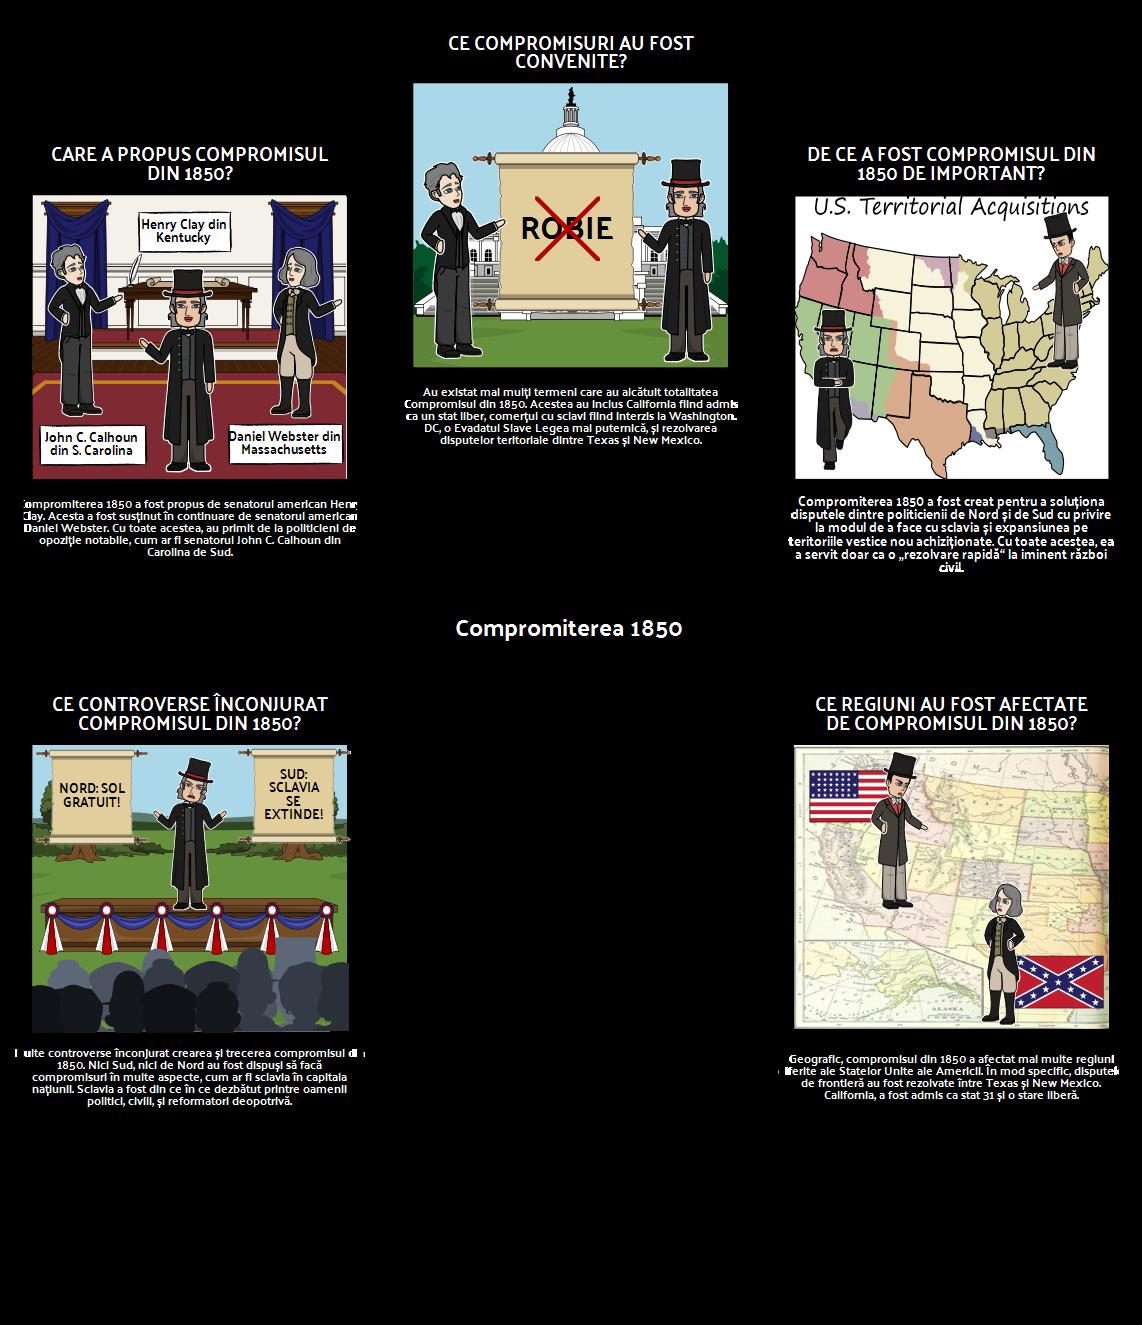 America de anii 1850 - Compromiterea 1850